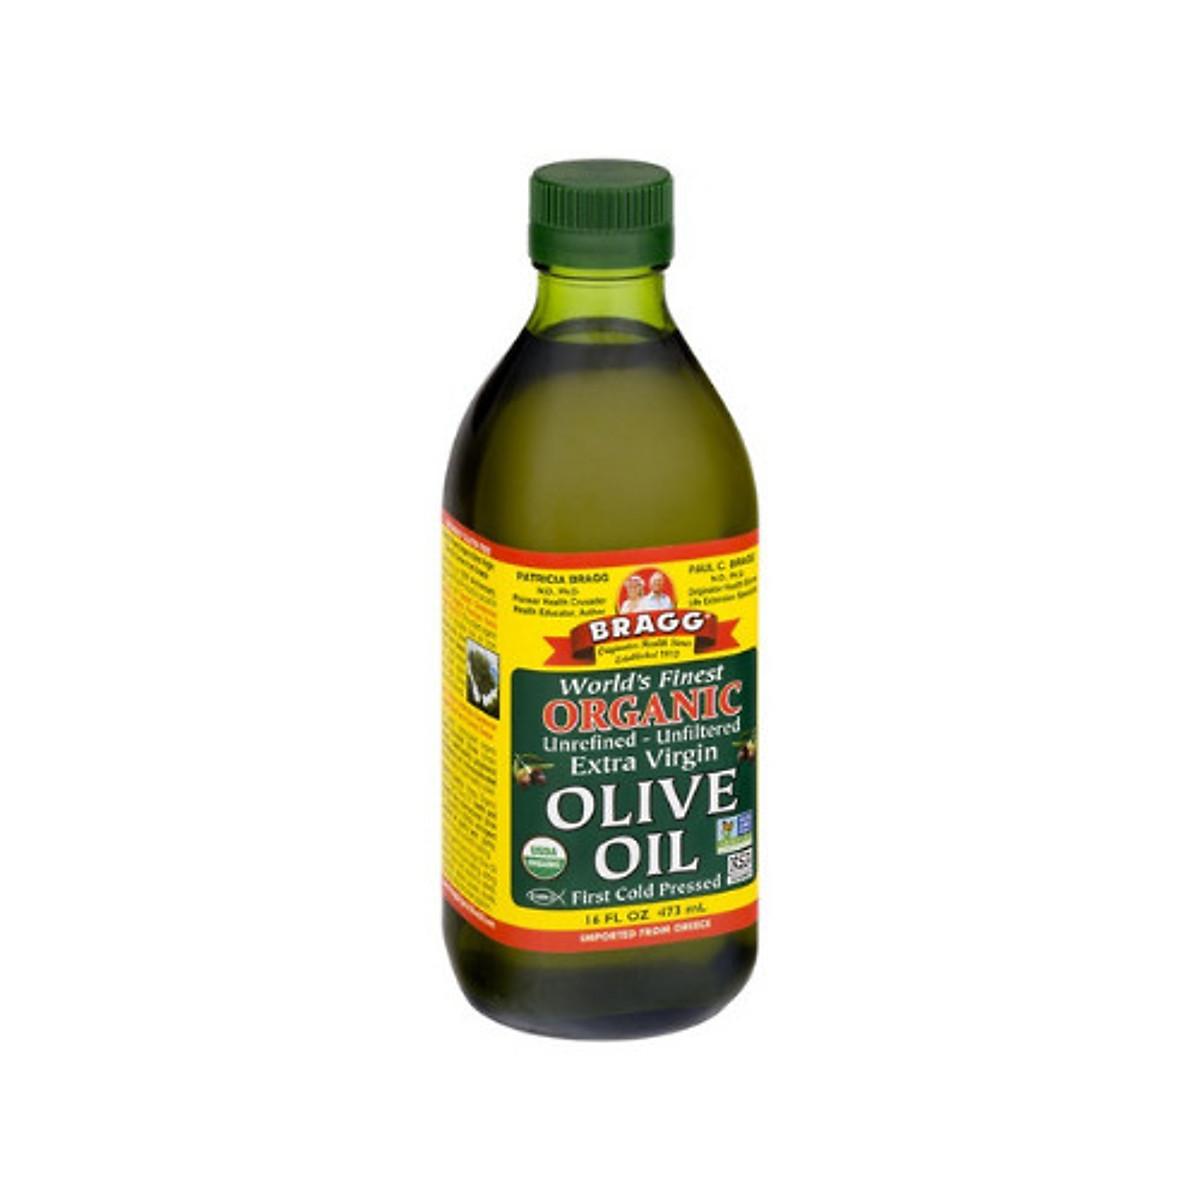 Dầu Olive Ép Lạnh Hữu Cơ Bragg 473ml - Extra Virgin Olive Bragg 473ml   Tiki